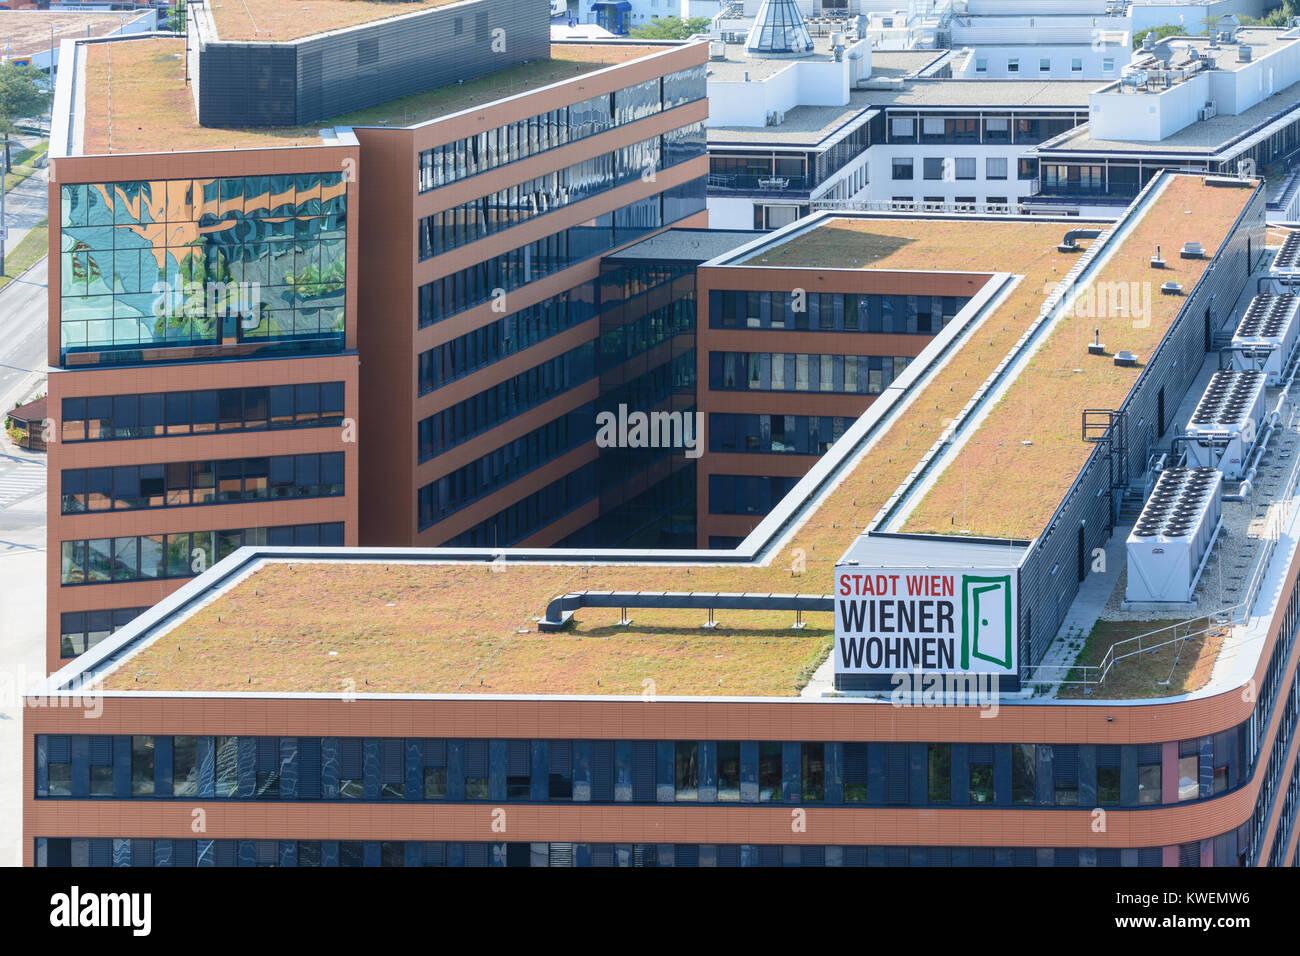 Wien, Vienna: headquarters of 'Wiener Wohnen' (Vienna Housing), 11. Simmering, Wien, Austria - Stock Image